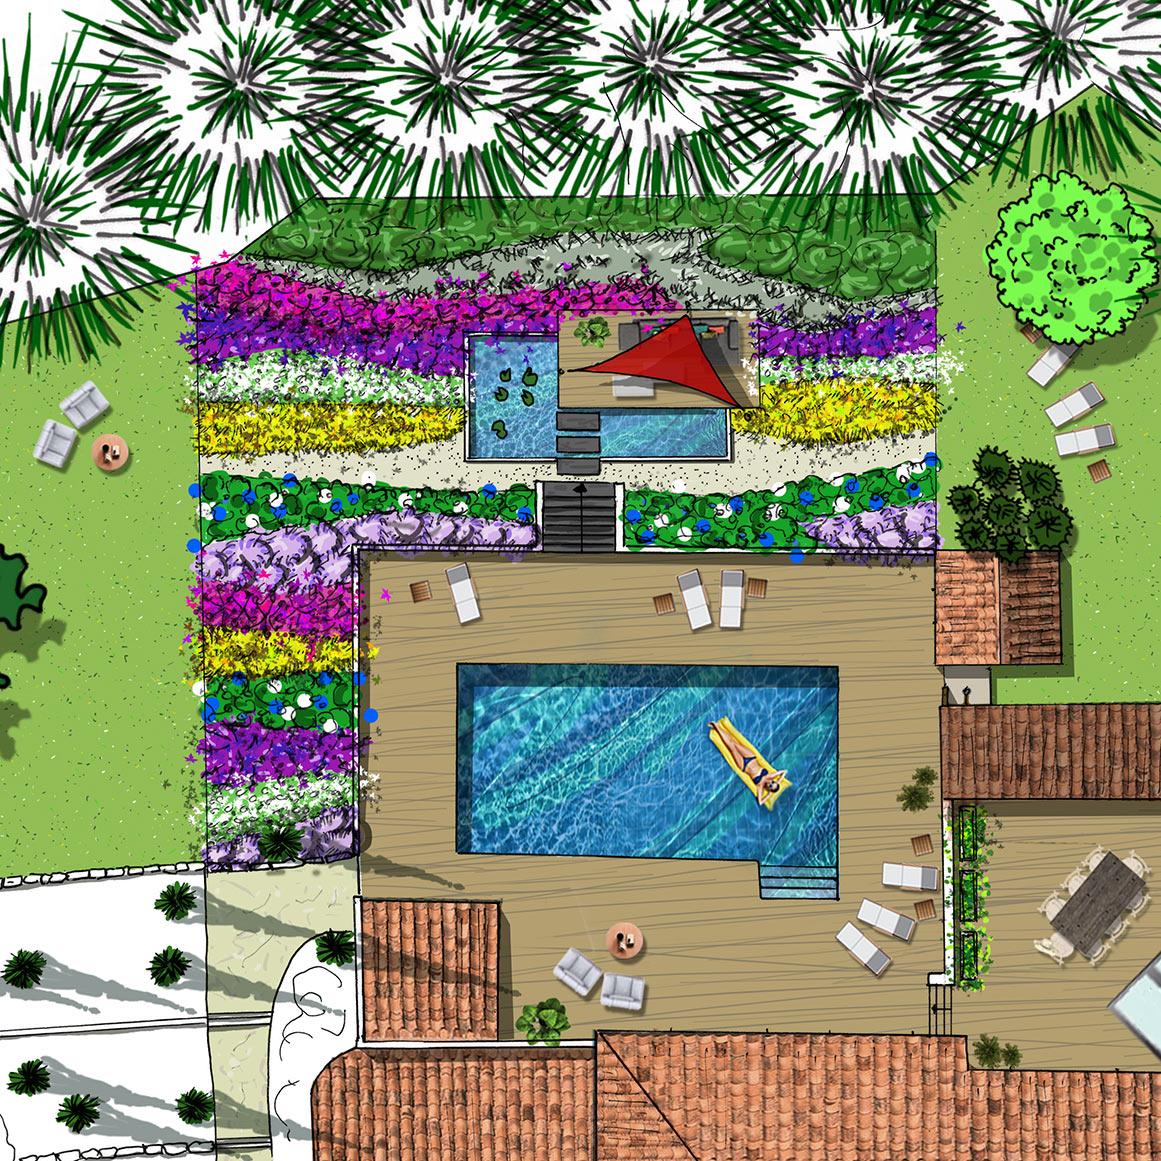 Atelier Naudier - Architecte paysagiste concepteur - Montpellier & Aix en Provence - PLAN Projet en Provence - aménagement jardin